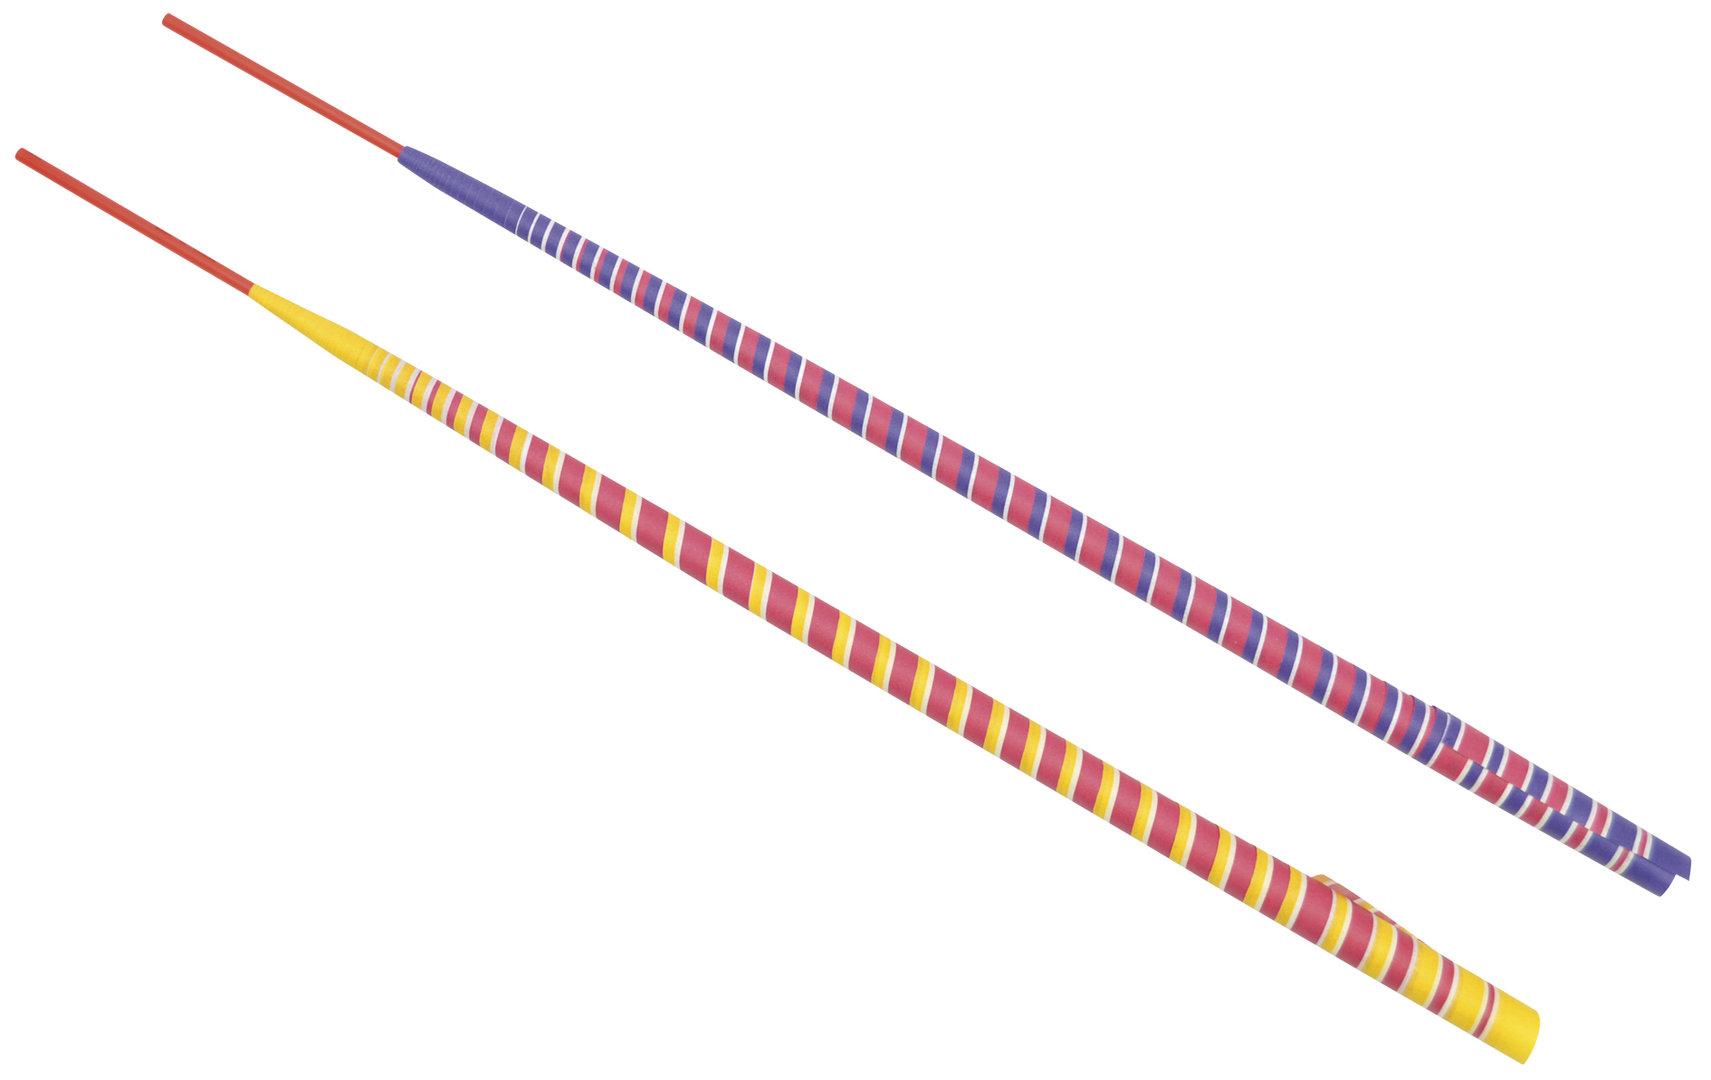 Papierschwert- Teleskop-Effekt